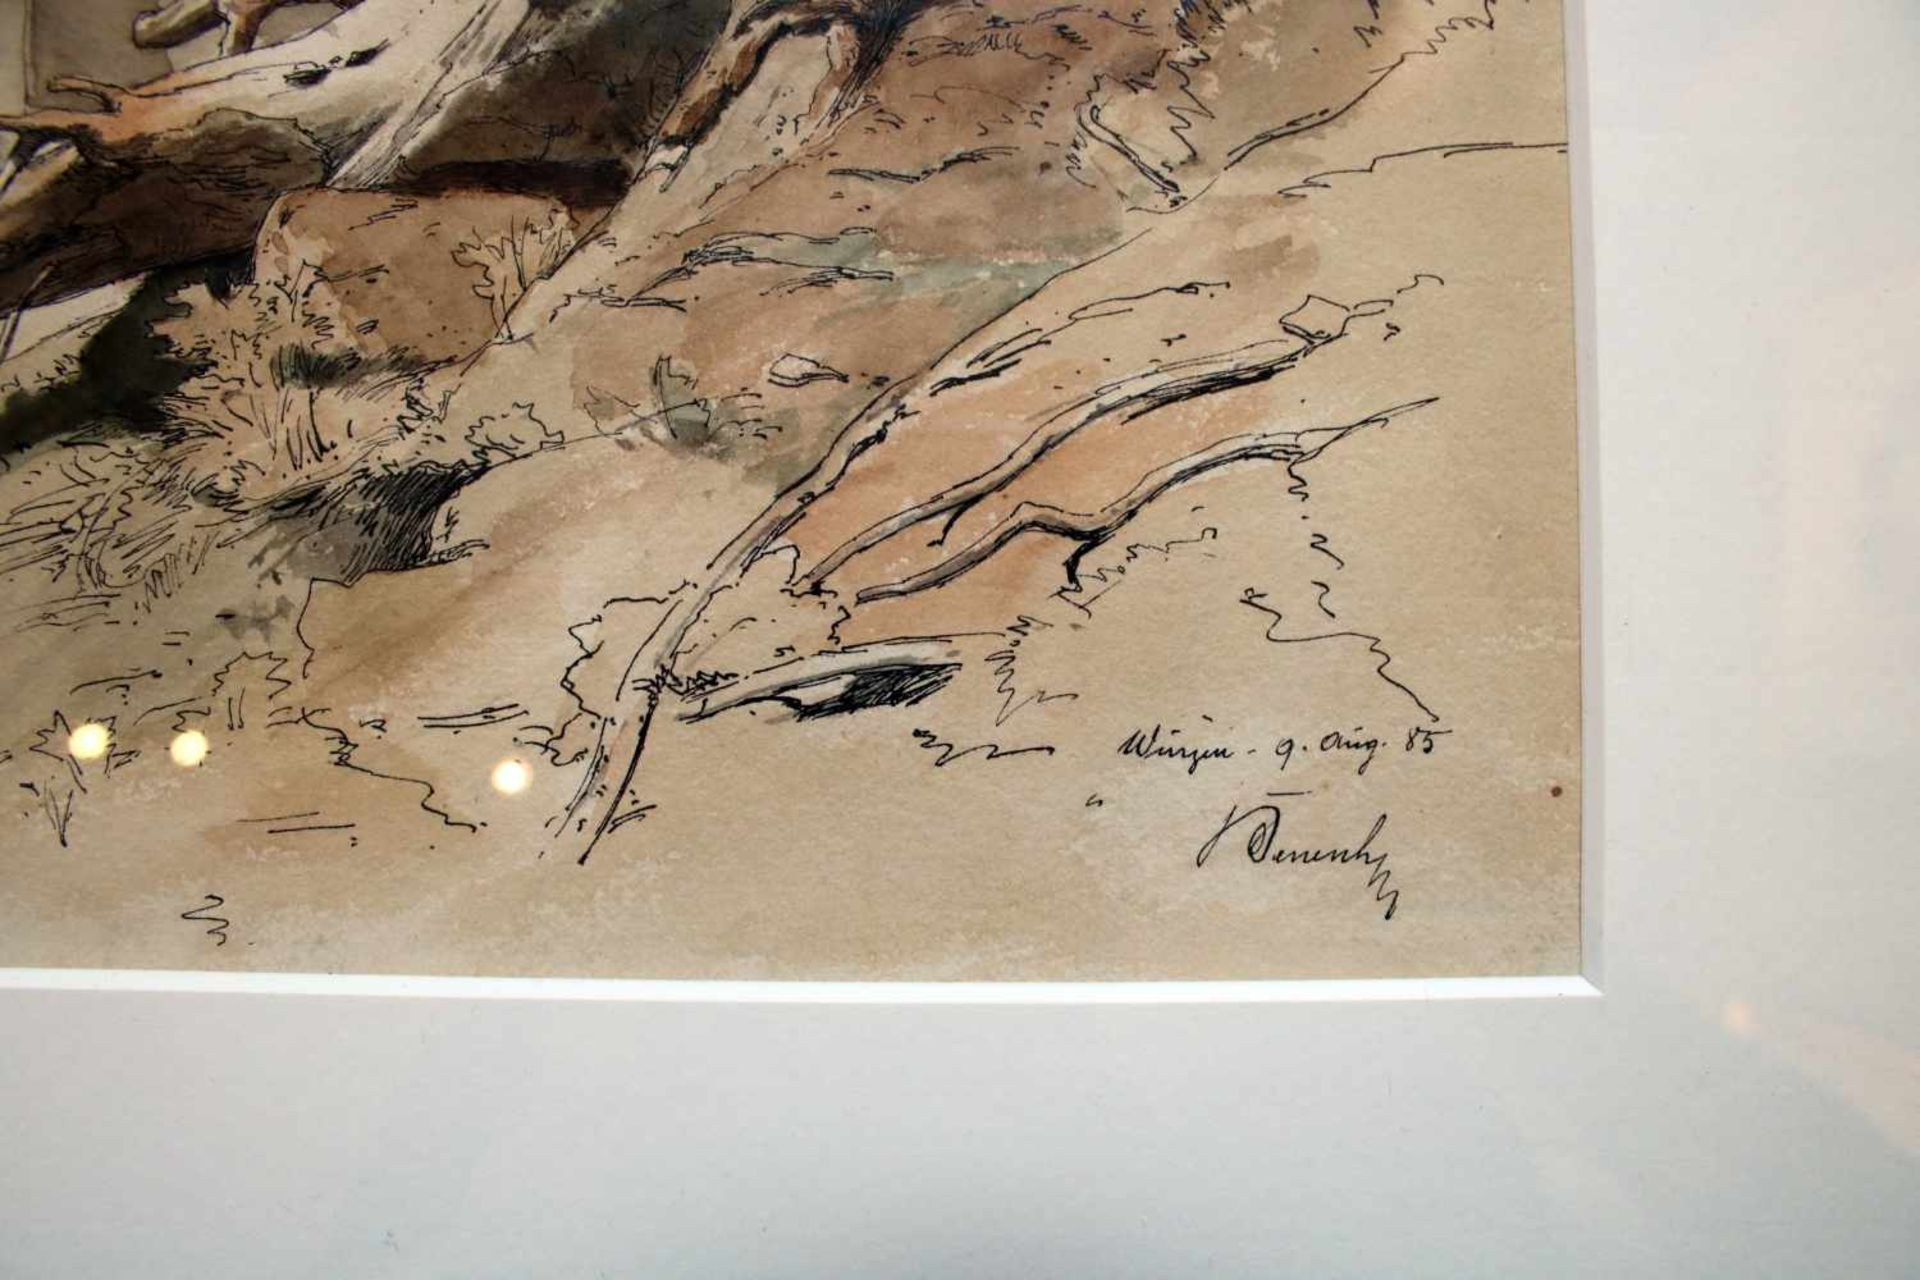 Ladislaus von Benesch (1845 - 1922) Baumstumpf im Wald 1885 Tusche und Aquarell auf Papier - Bild 2 aus 2